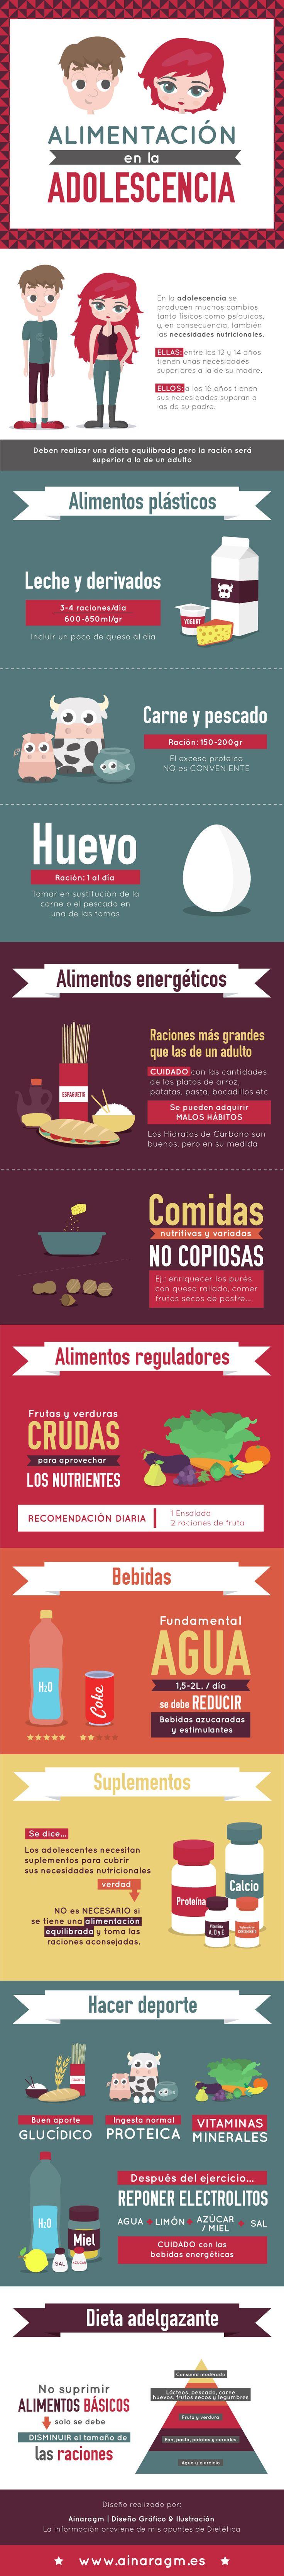 #Infografia sobre la #alimentacion en la #adolescencia